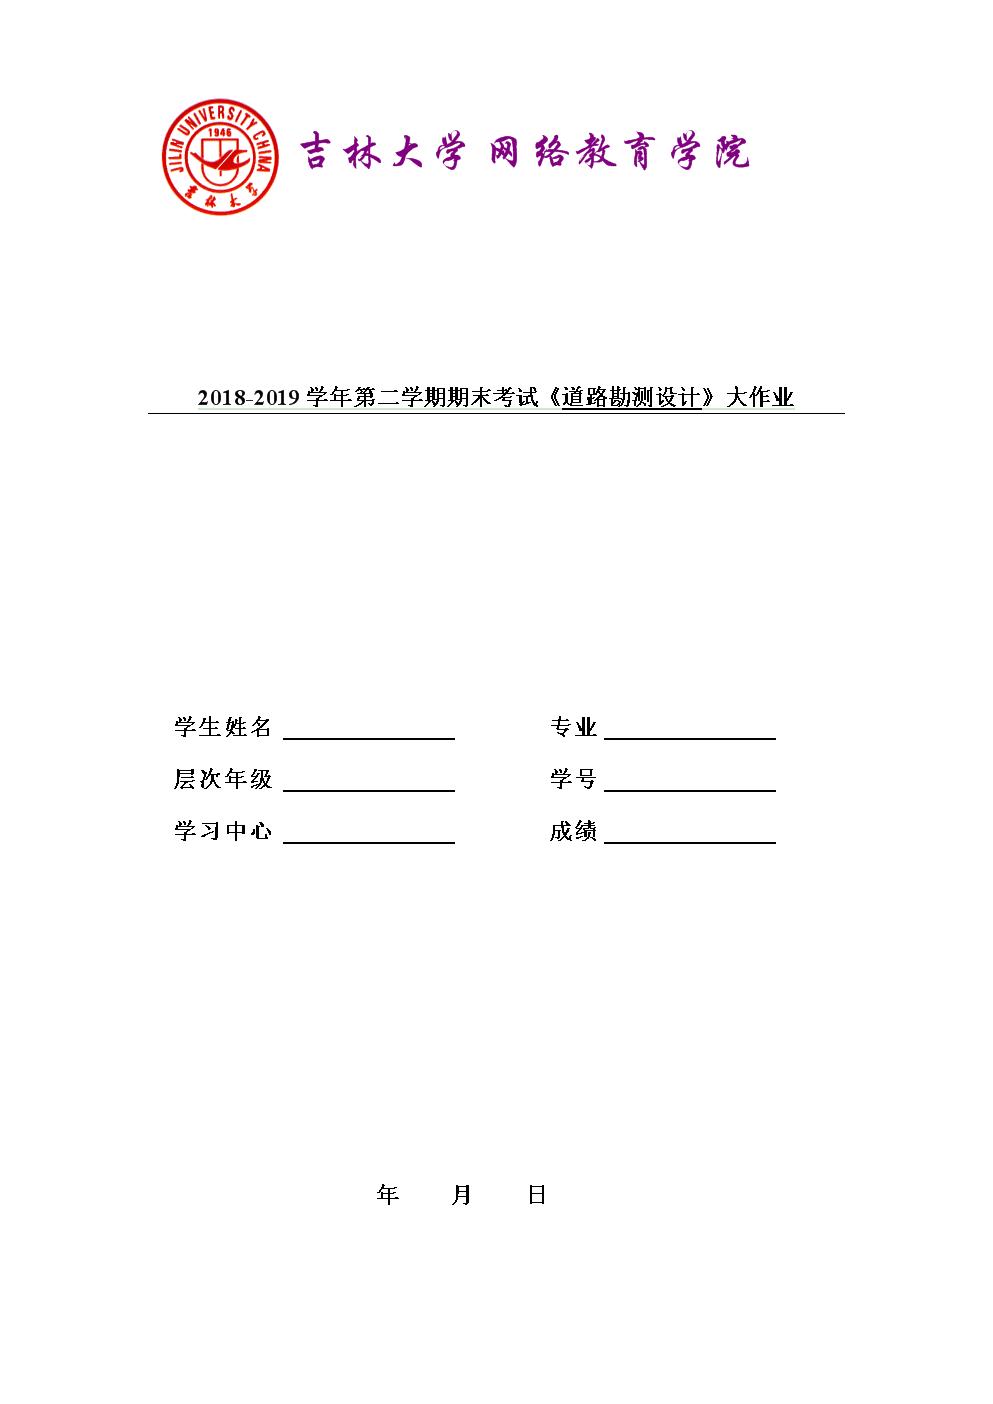 吉大19年9月课程考试《道路勘测设计》离线作业考核要求【答案】.doc